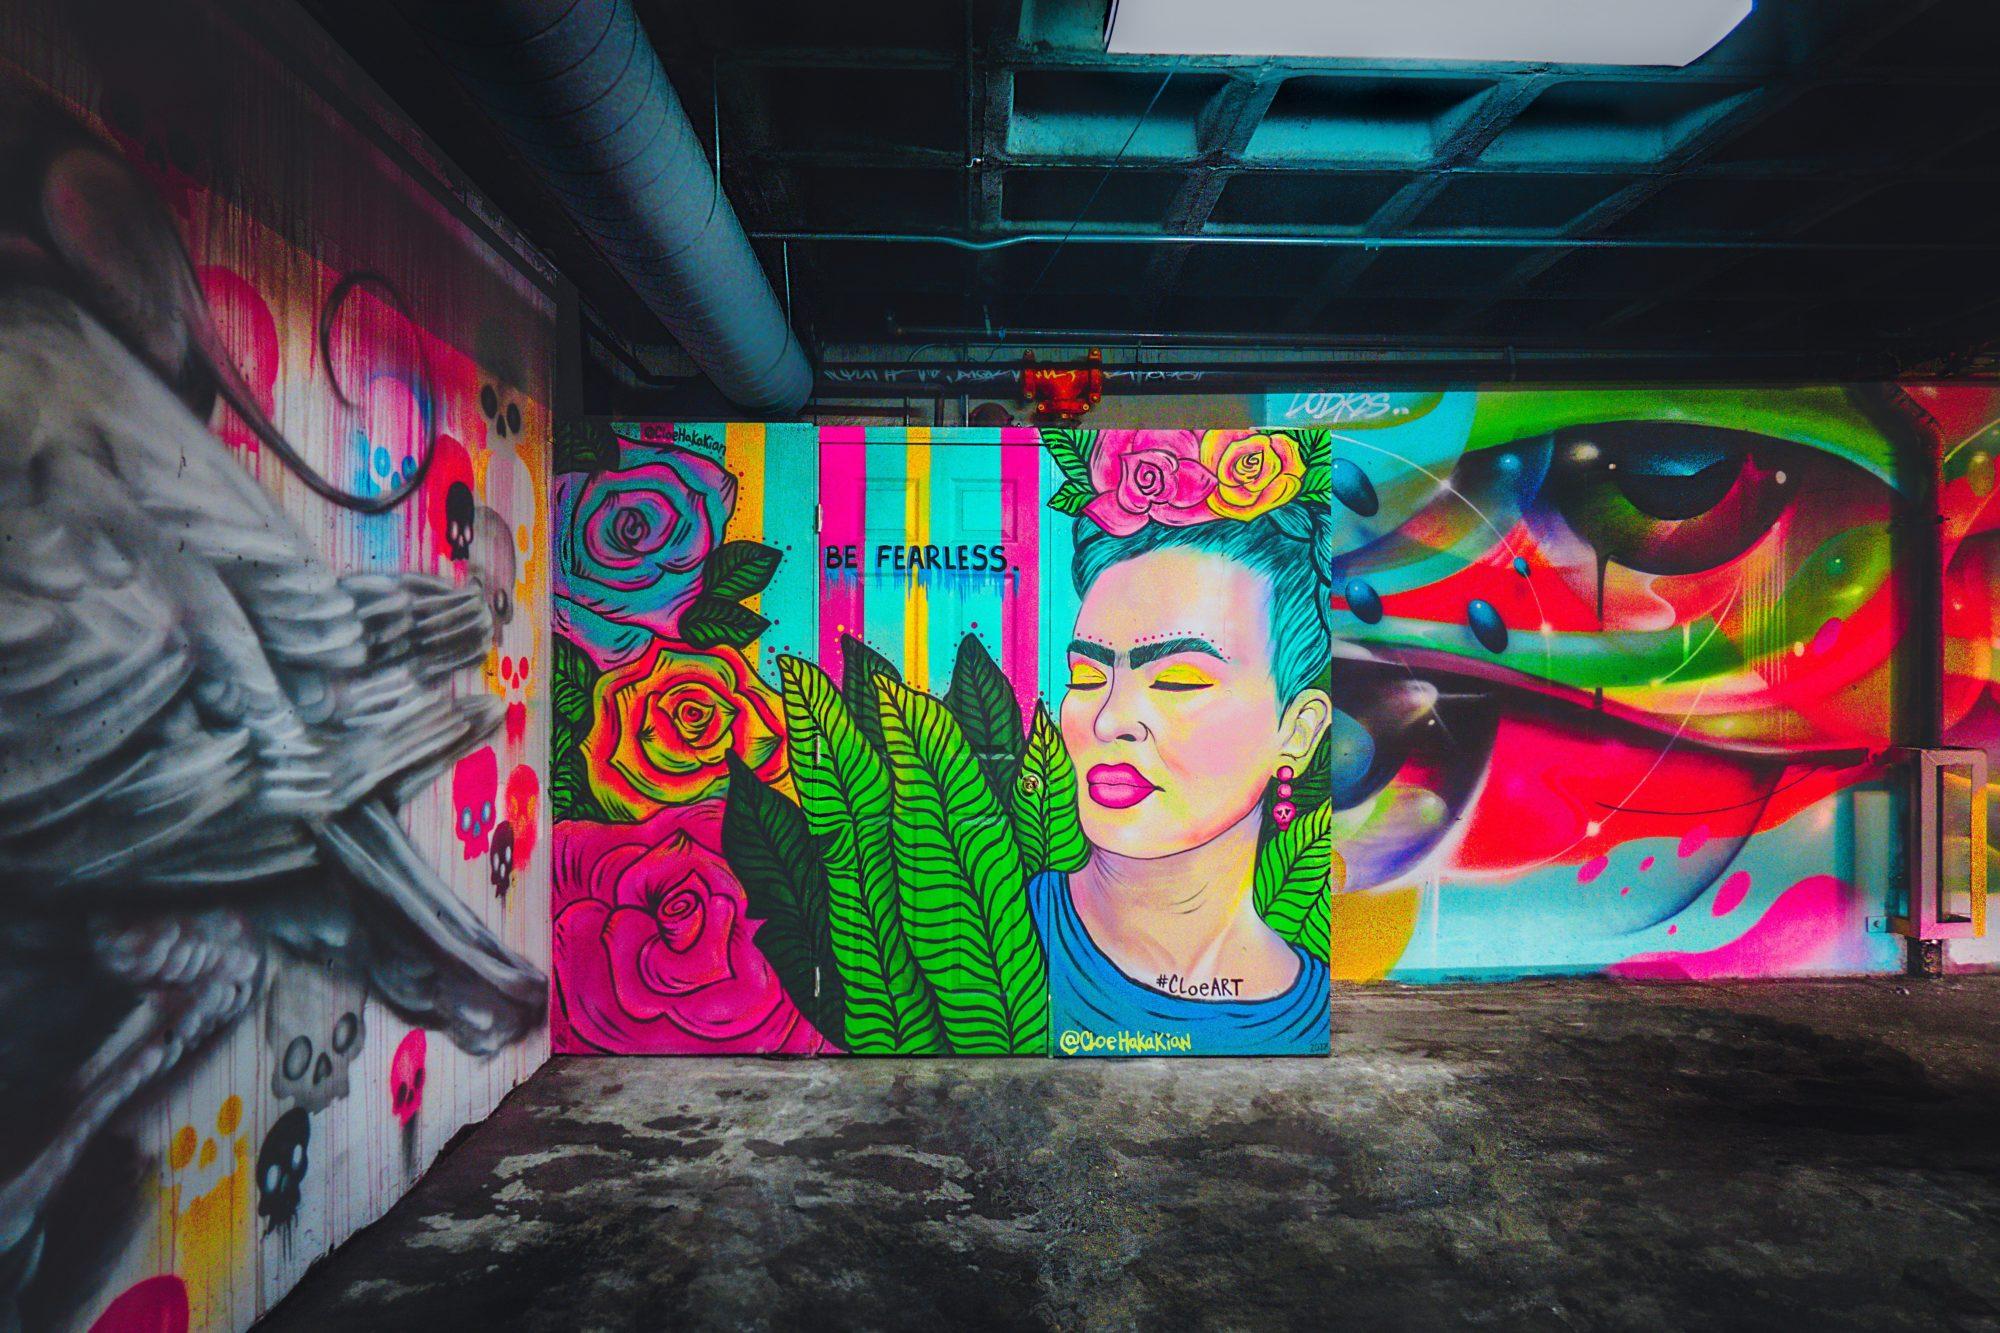 """Frida Kahlo in L.A. Ihre Fans gestalteten diese Wand """"Be Fearless"""" ist das Motto."""